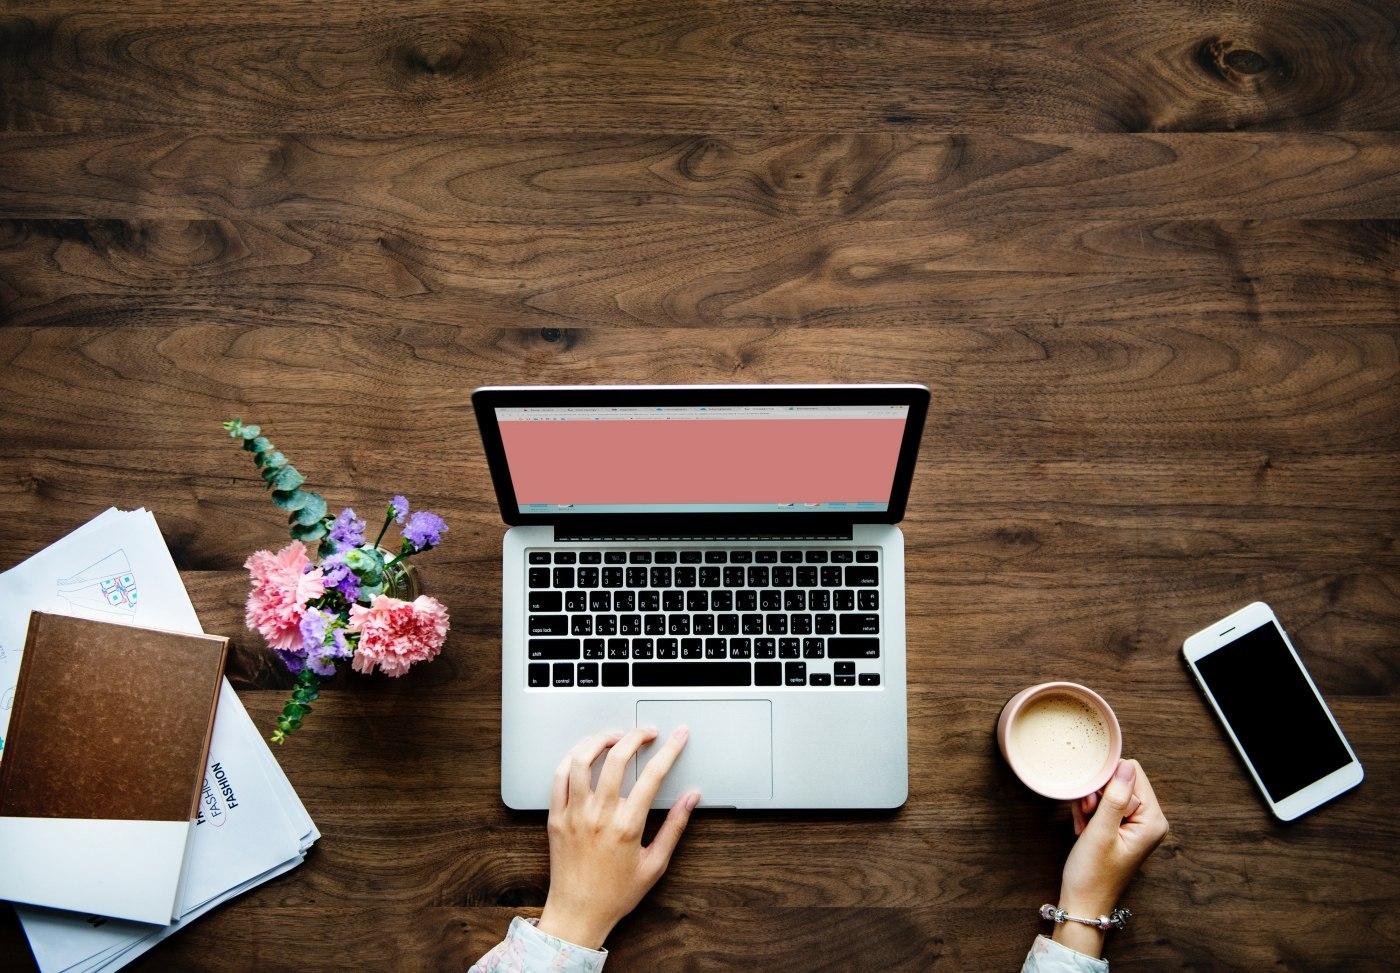 Копирайтер рерайтер в фриланс pcb freelance jobs